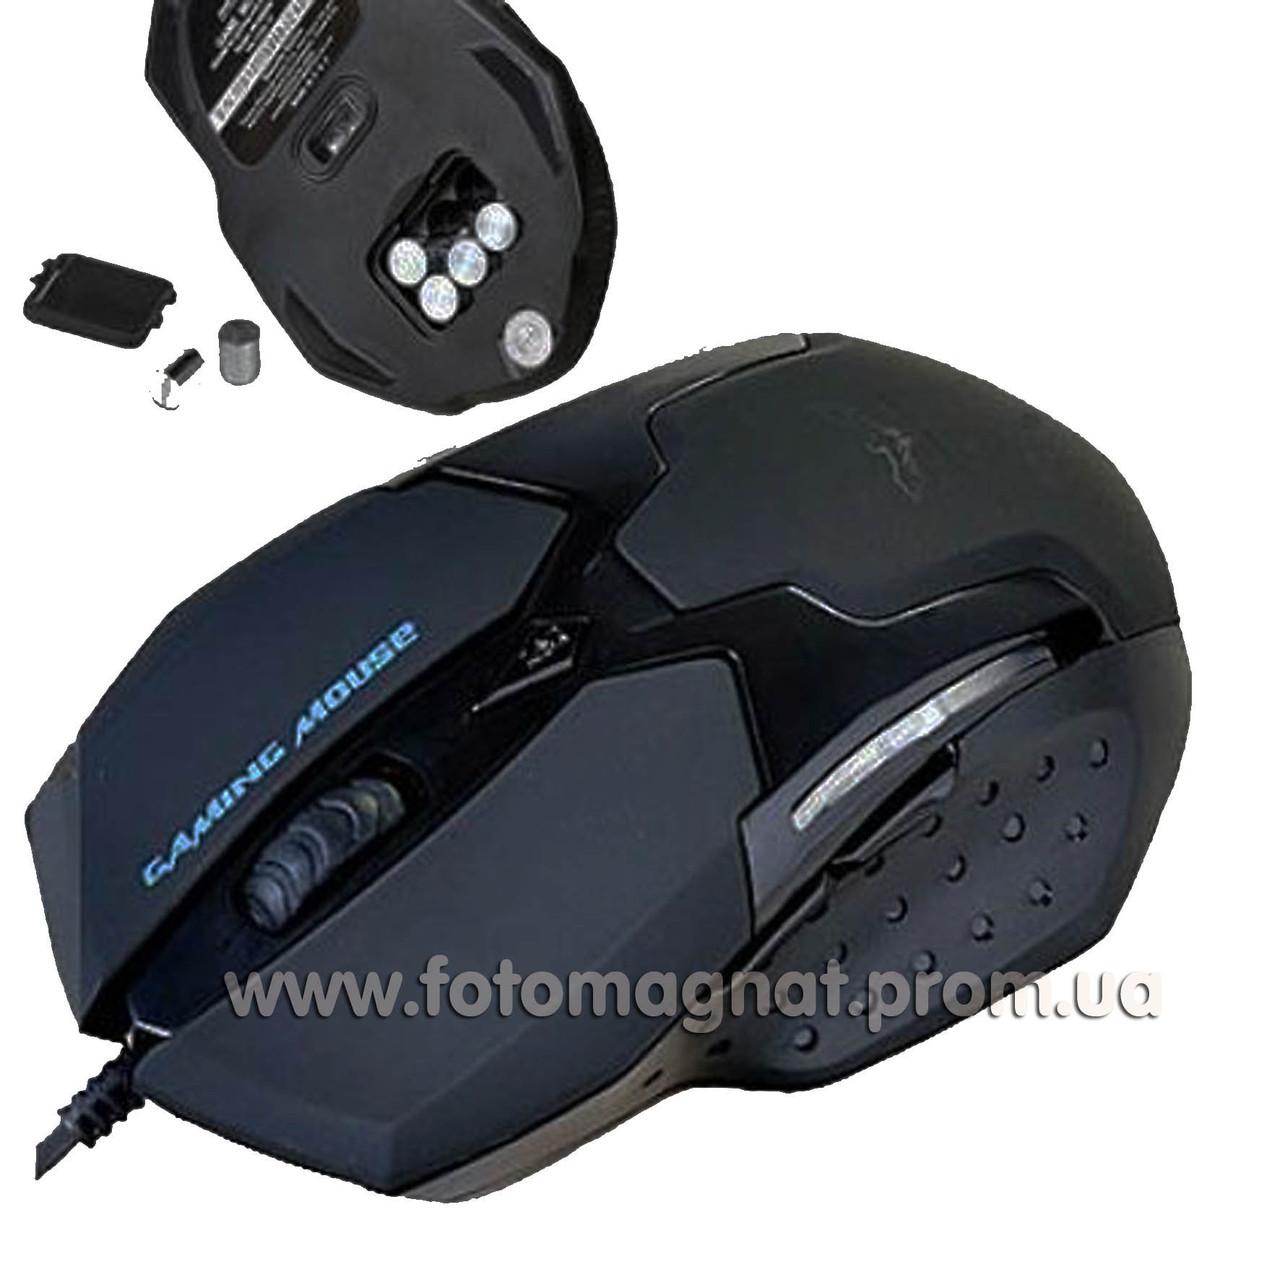 Игровая проводная мышь  HAVIT HV-MS868  USB  black